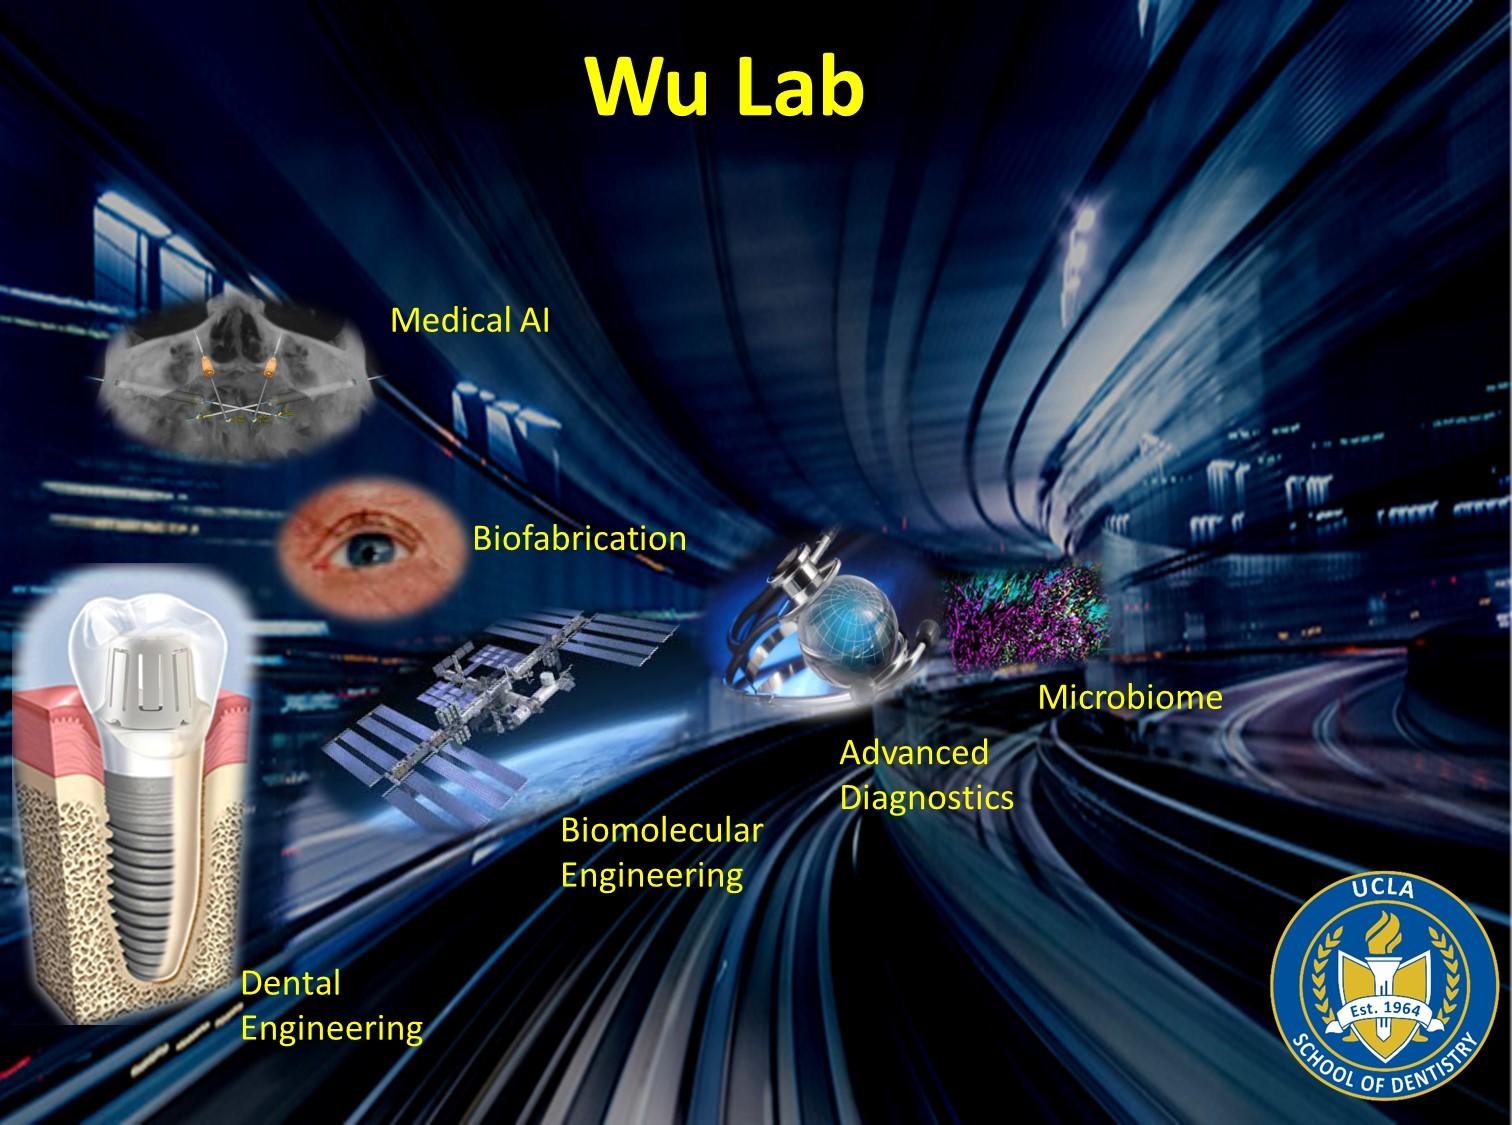 wu lab.jpg